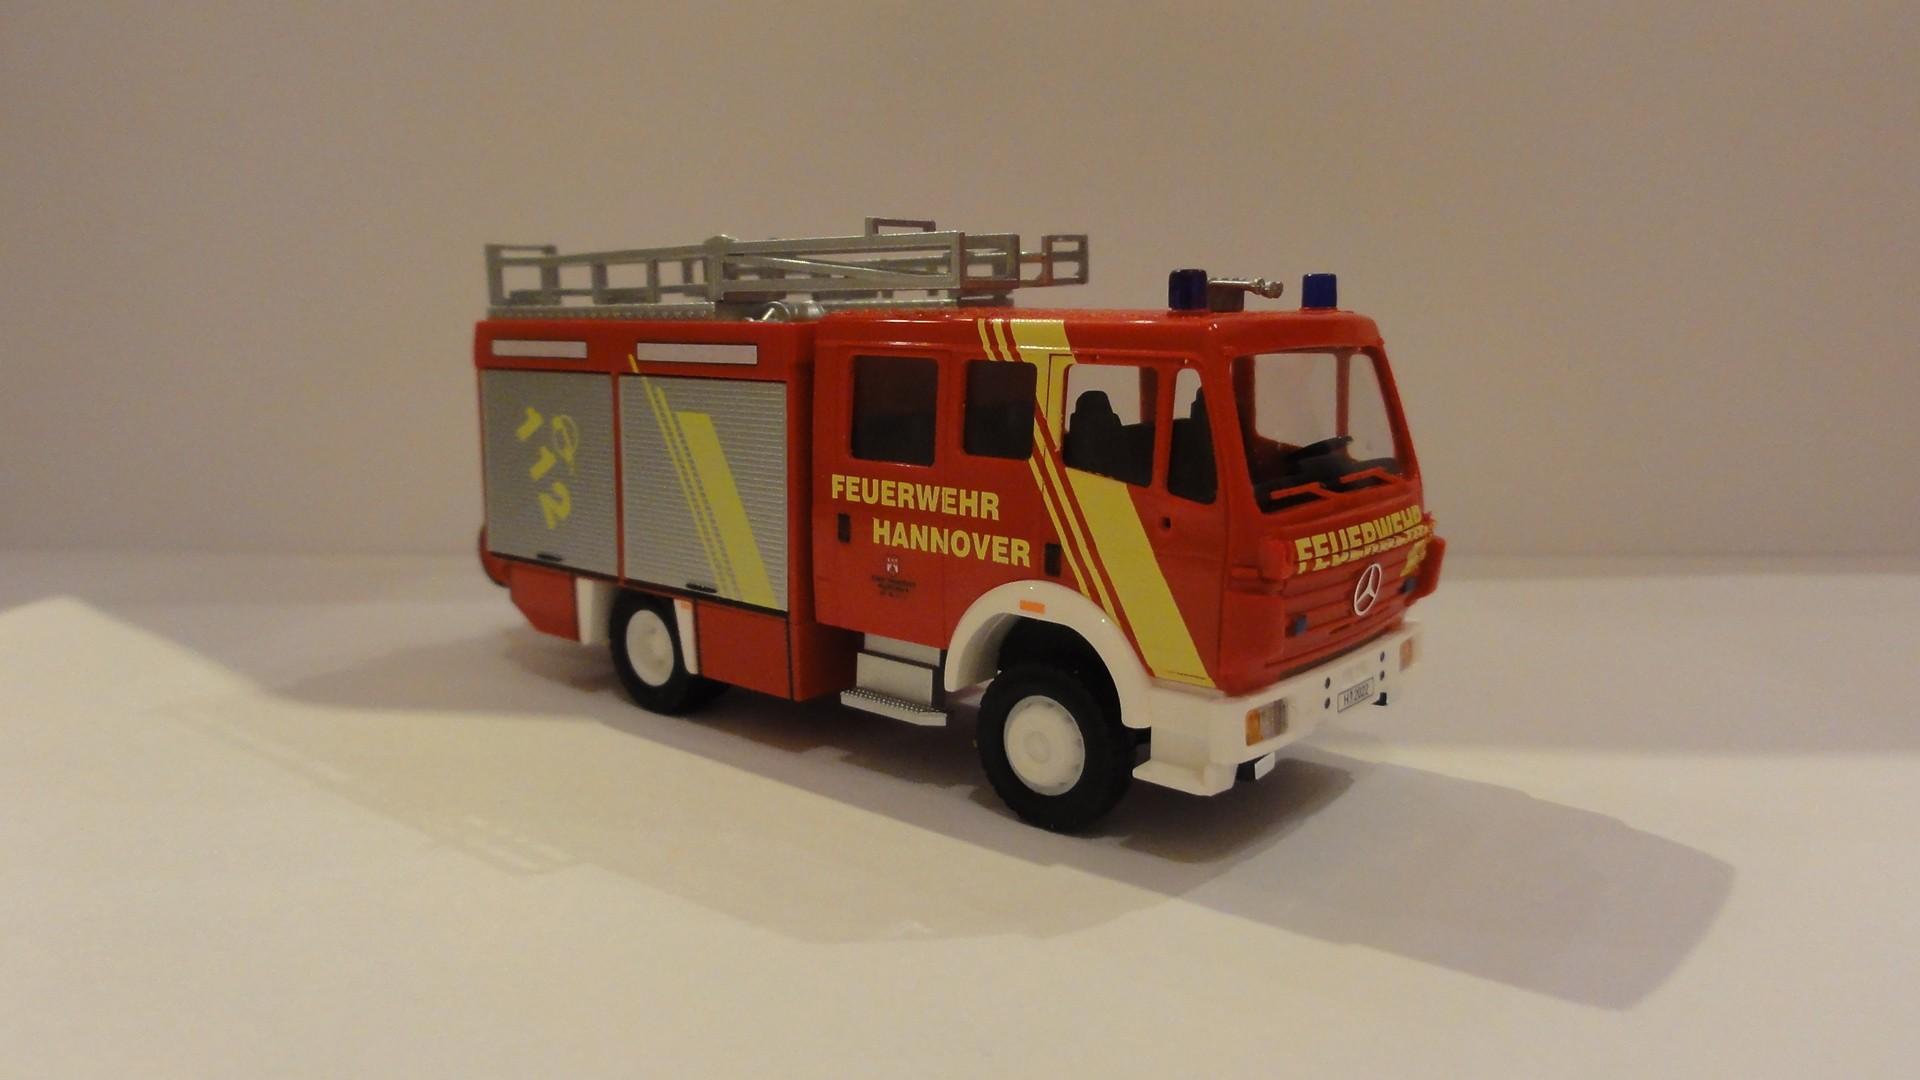 Busch MB MK 94 LF 16/12 Feuerwehr Hannover Vinnhorst